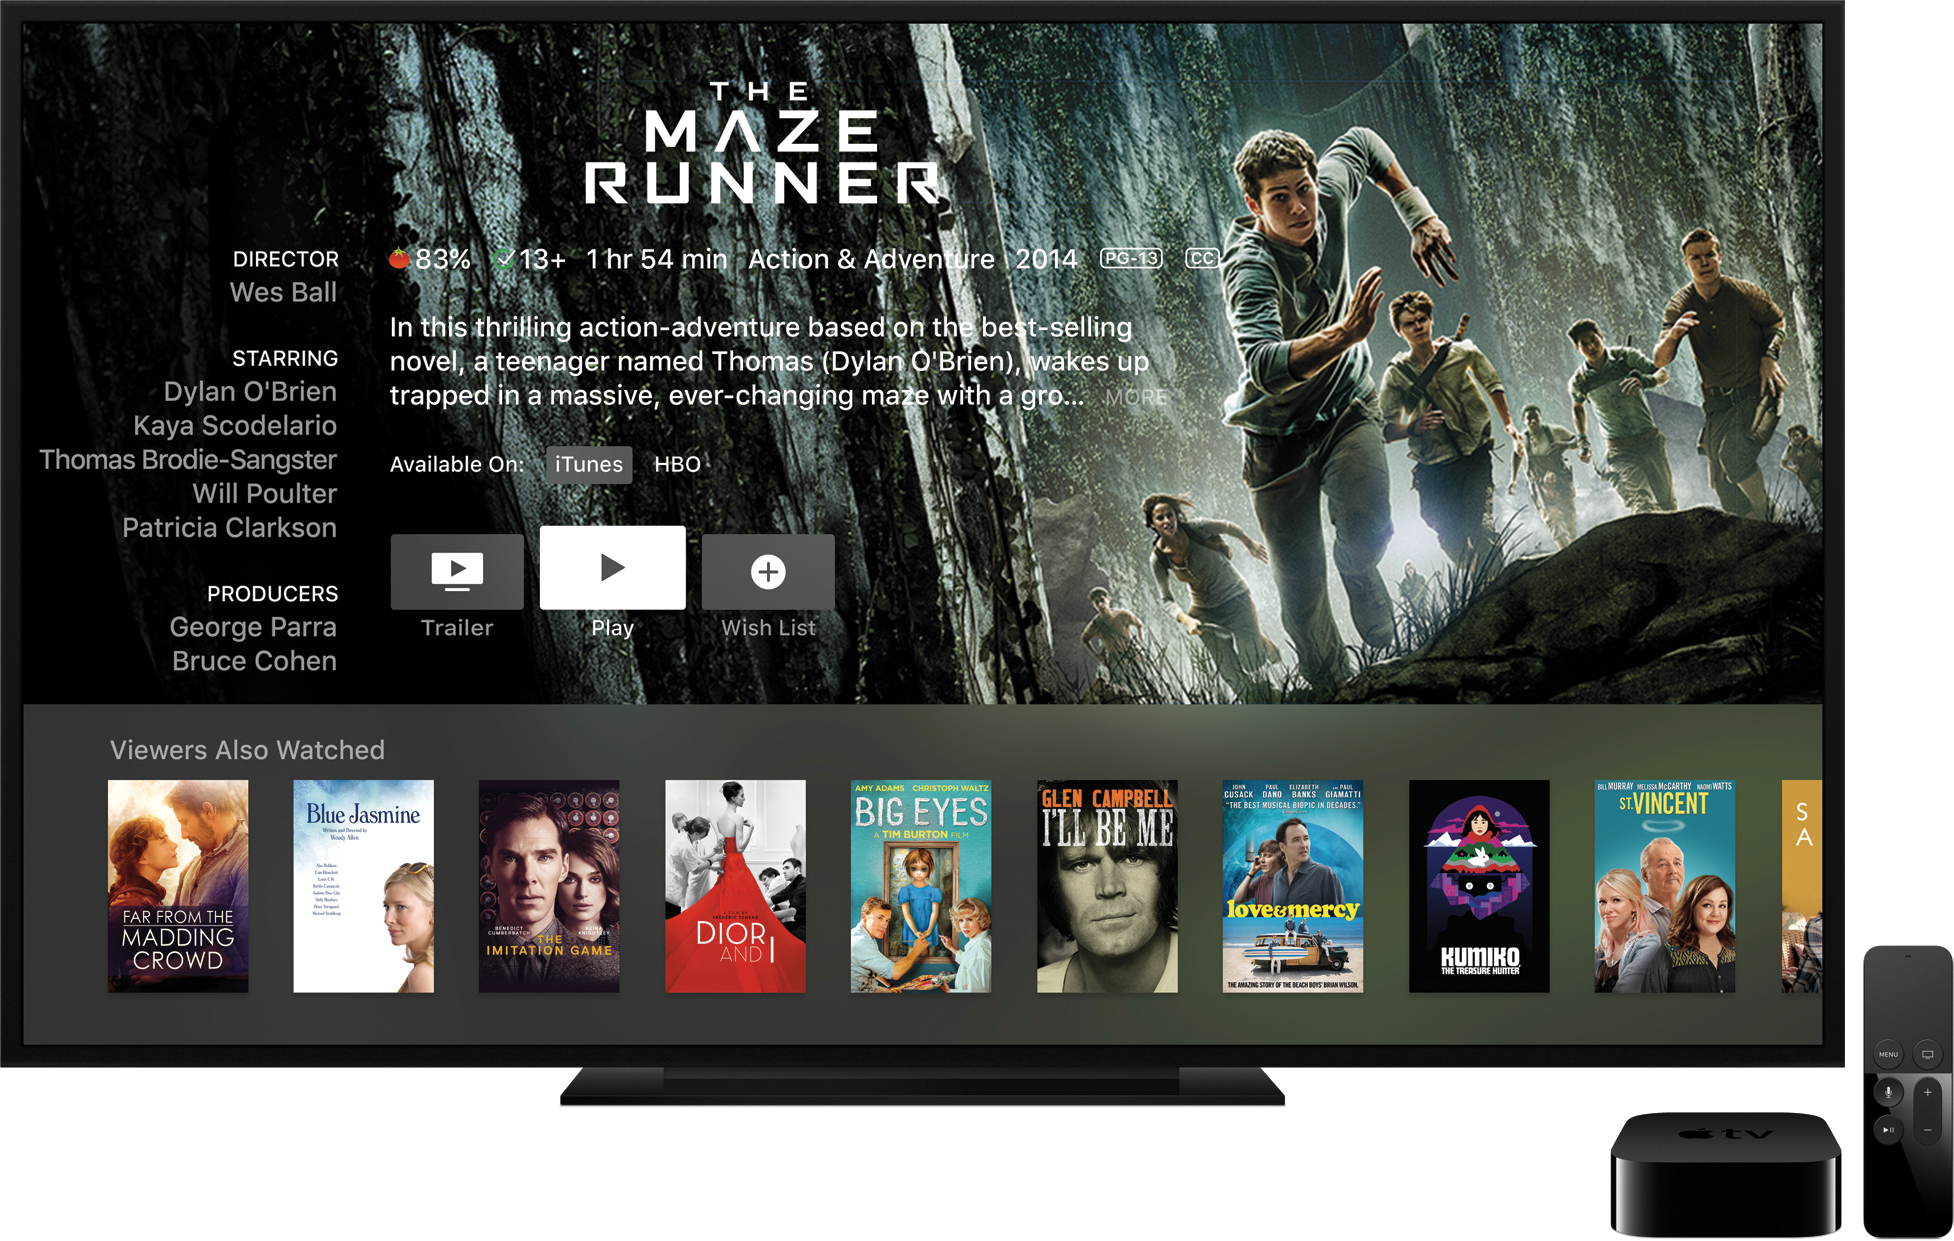 """Informações de """"The Maze Runner"""" na televisão ao lado da nova Apple TV e do controle remoto"""